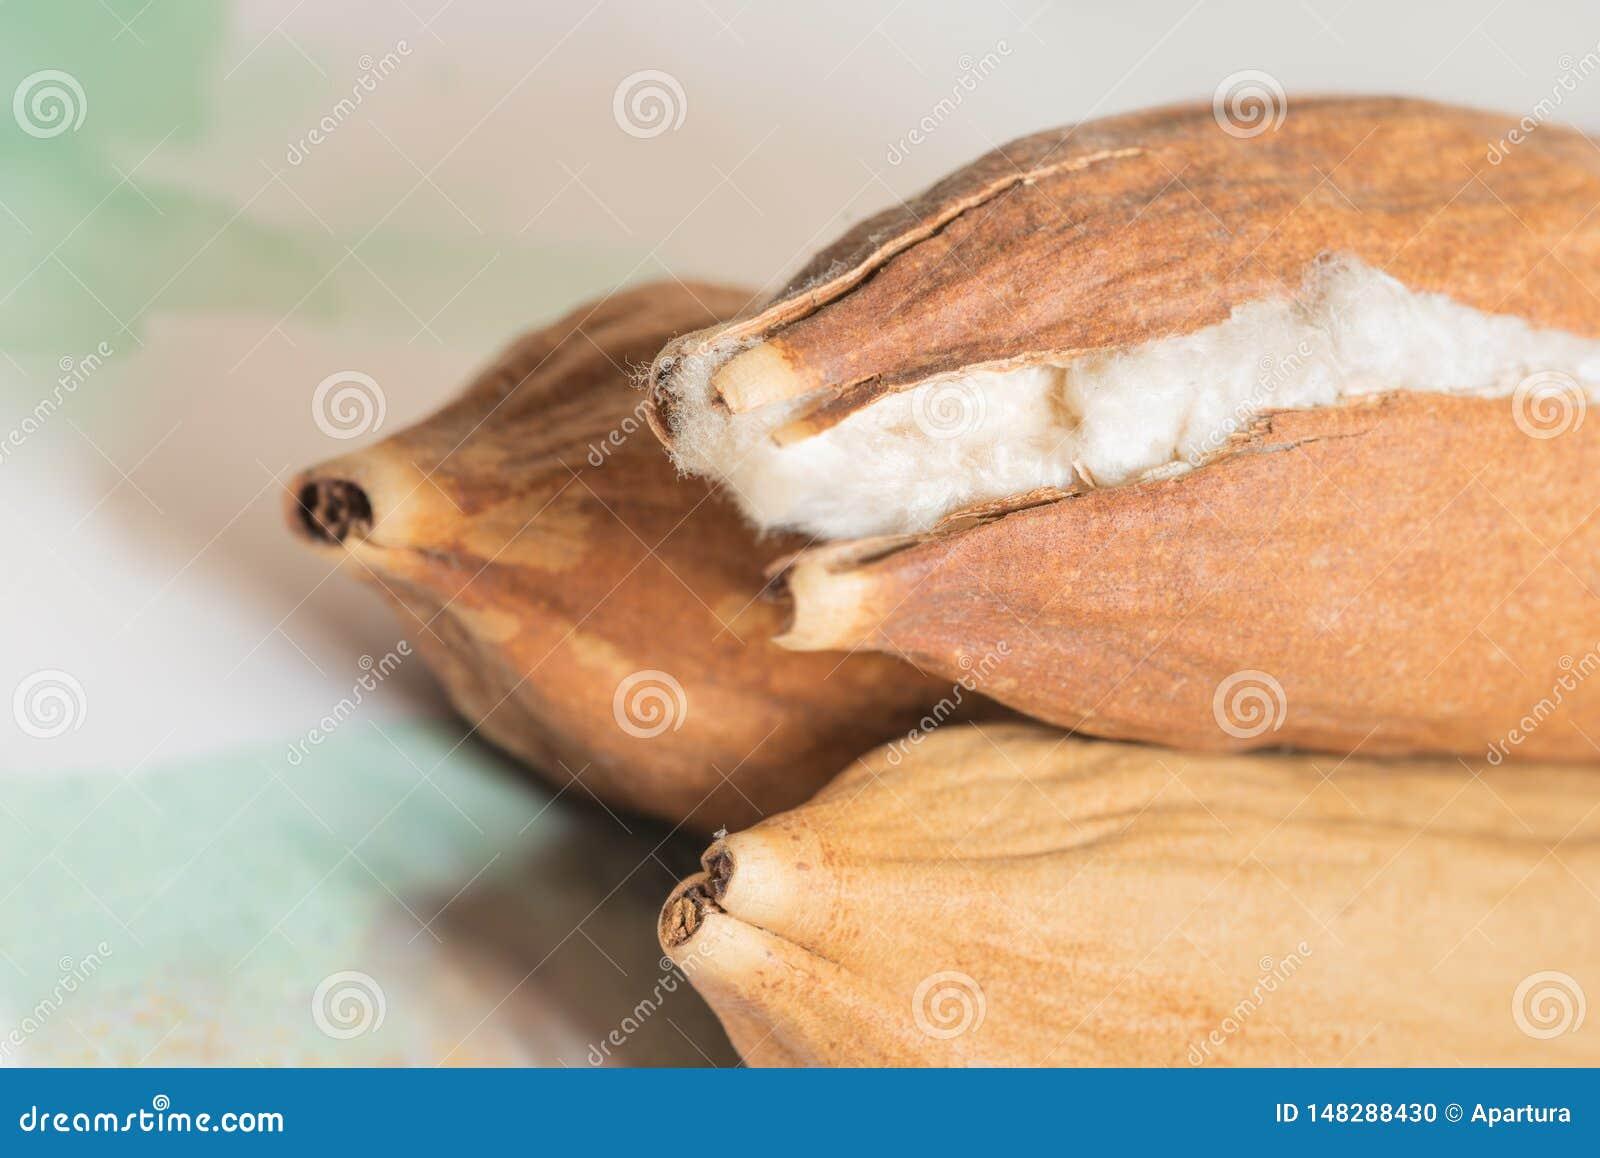 Java Kapok Seed Pod Crack abre mostrar sua fibra de seda macia como o algodão